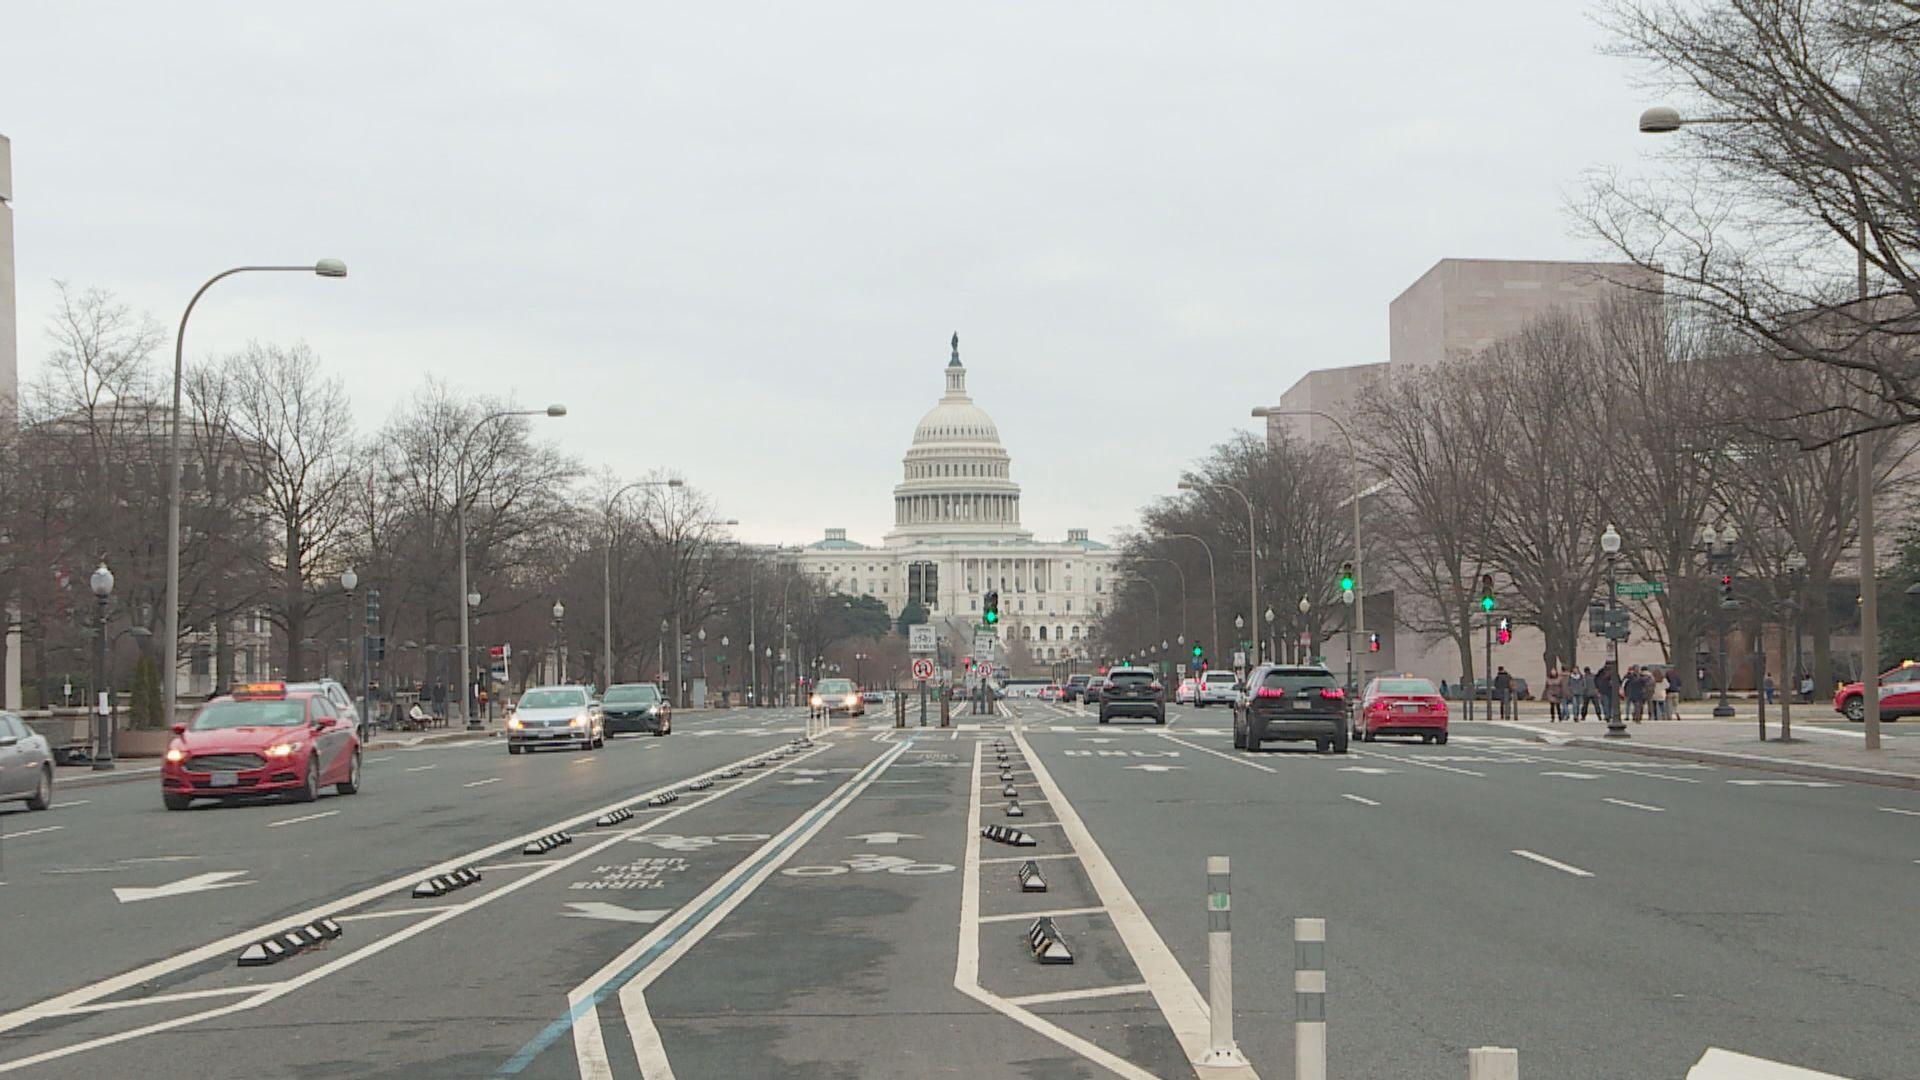 民主黨擬傳召白宮官員到參院彈劾審訊作證